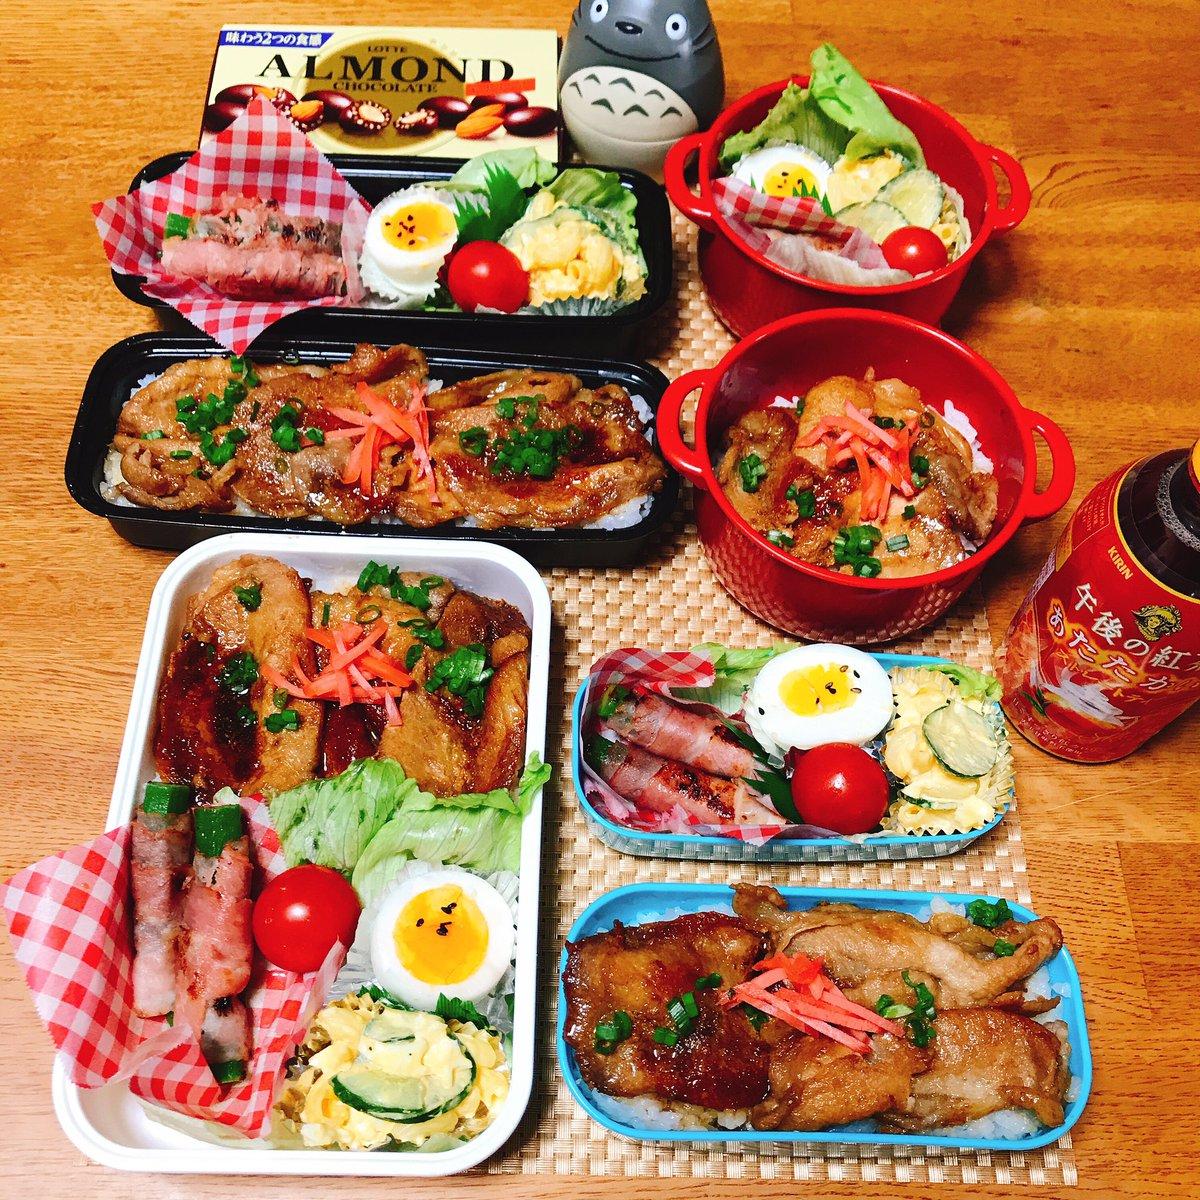 RT @pin_gre3030: おはようございます♡ 今日のお弁当は豚丼にしました😋 https://t.co/0y6UMQIGke